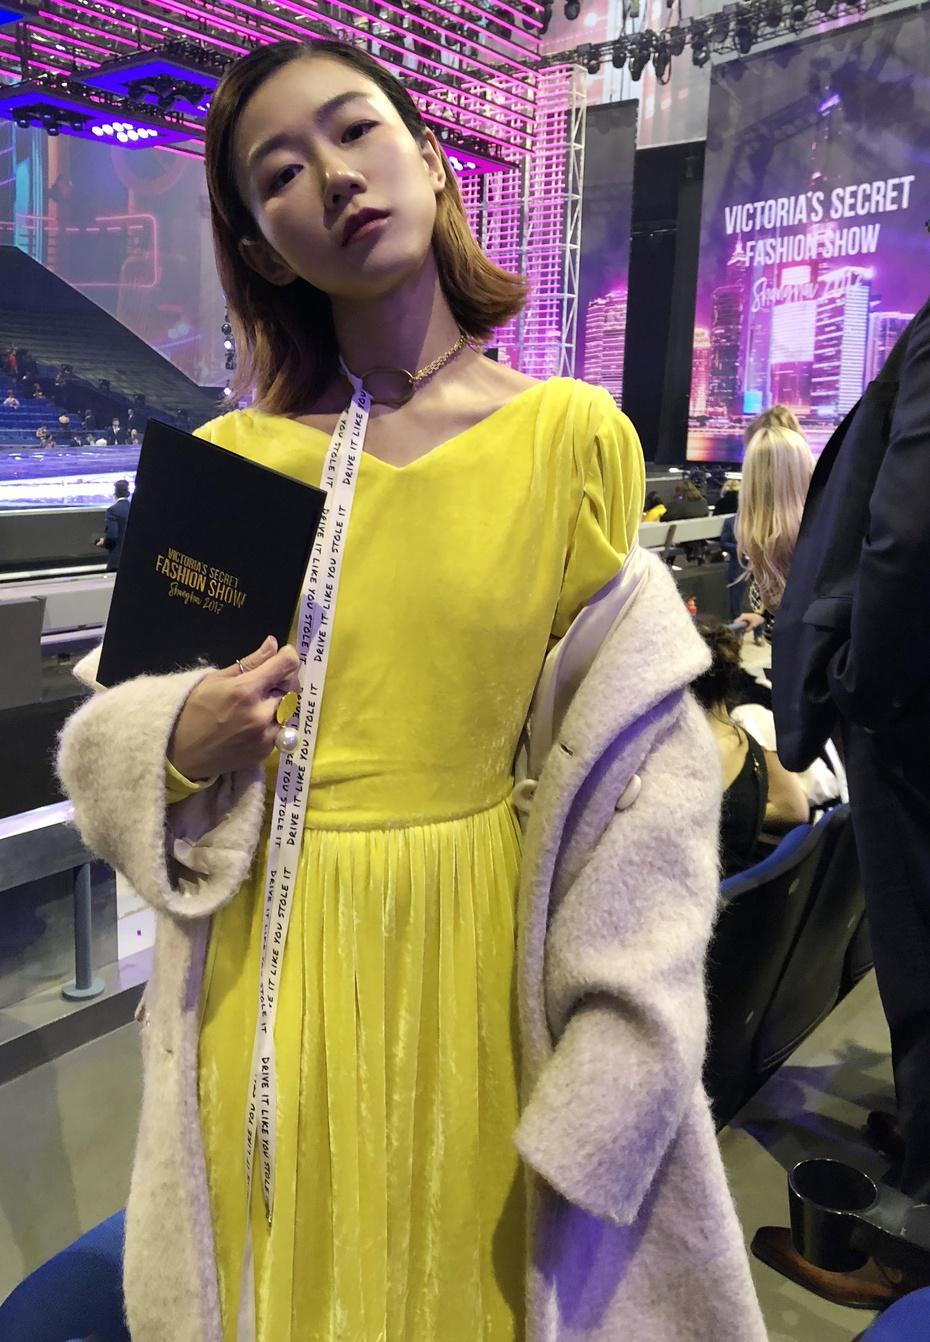 昨夜维密秀发生了什么,亲历者讲述! - AvaFoo - Avas Fashion Blog